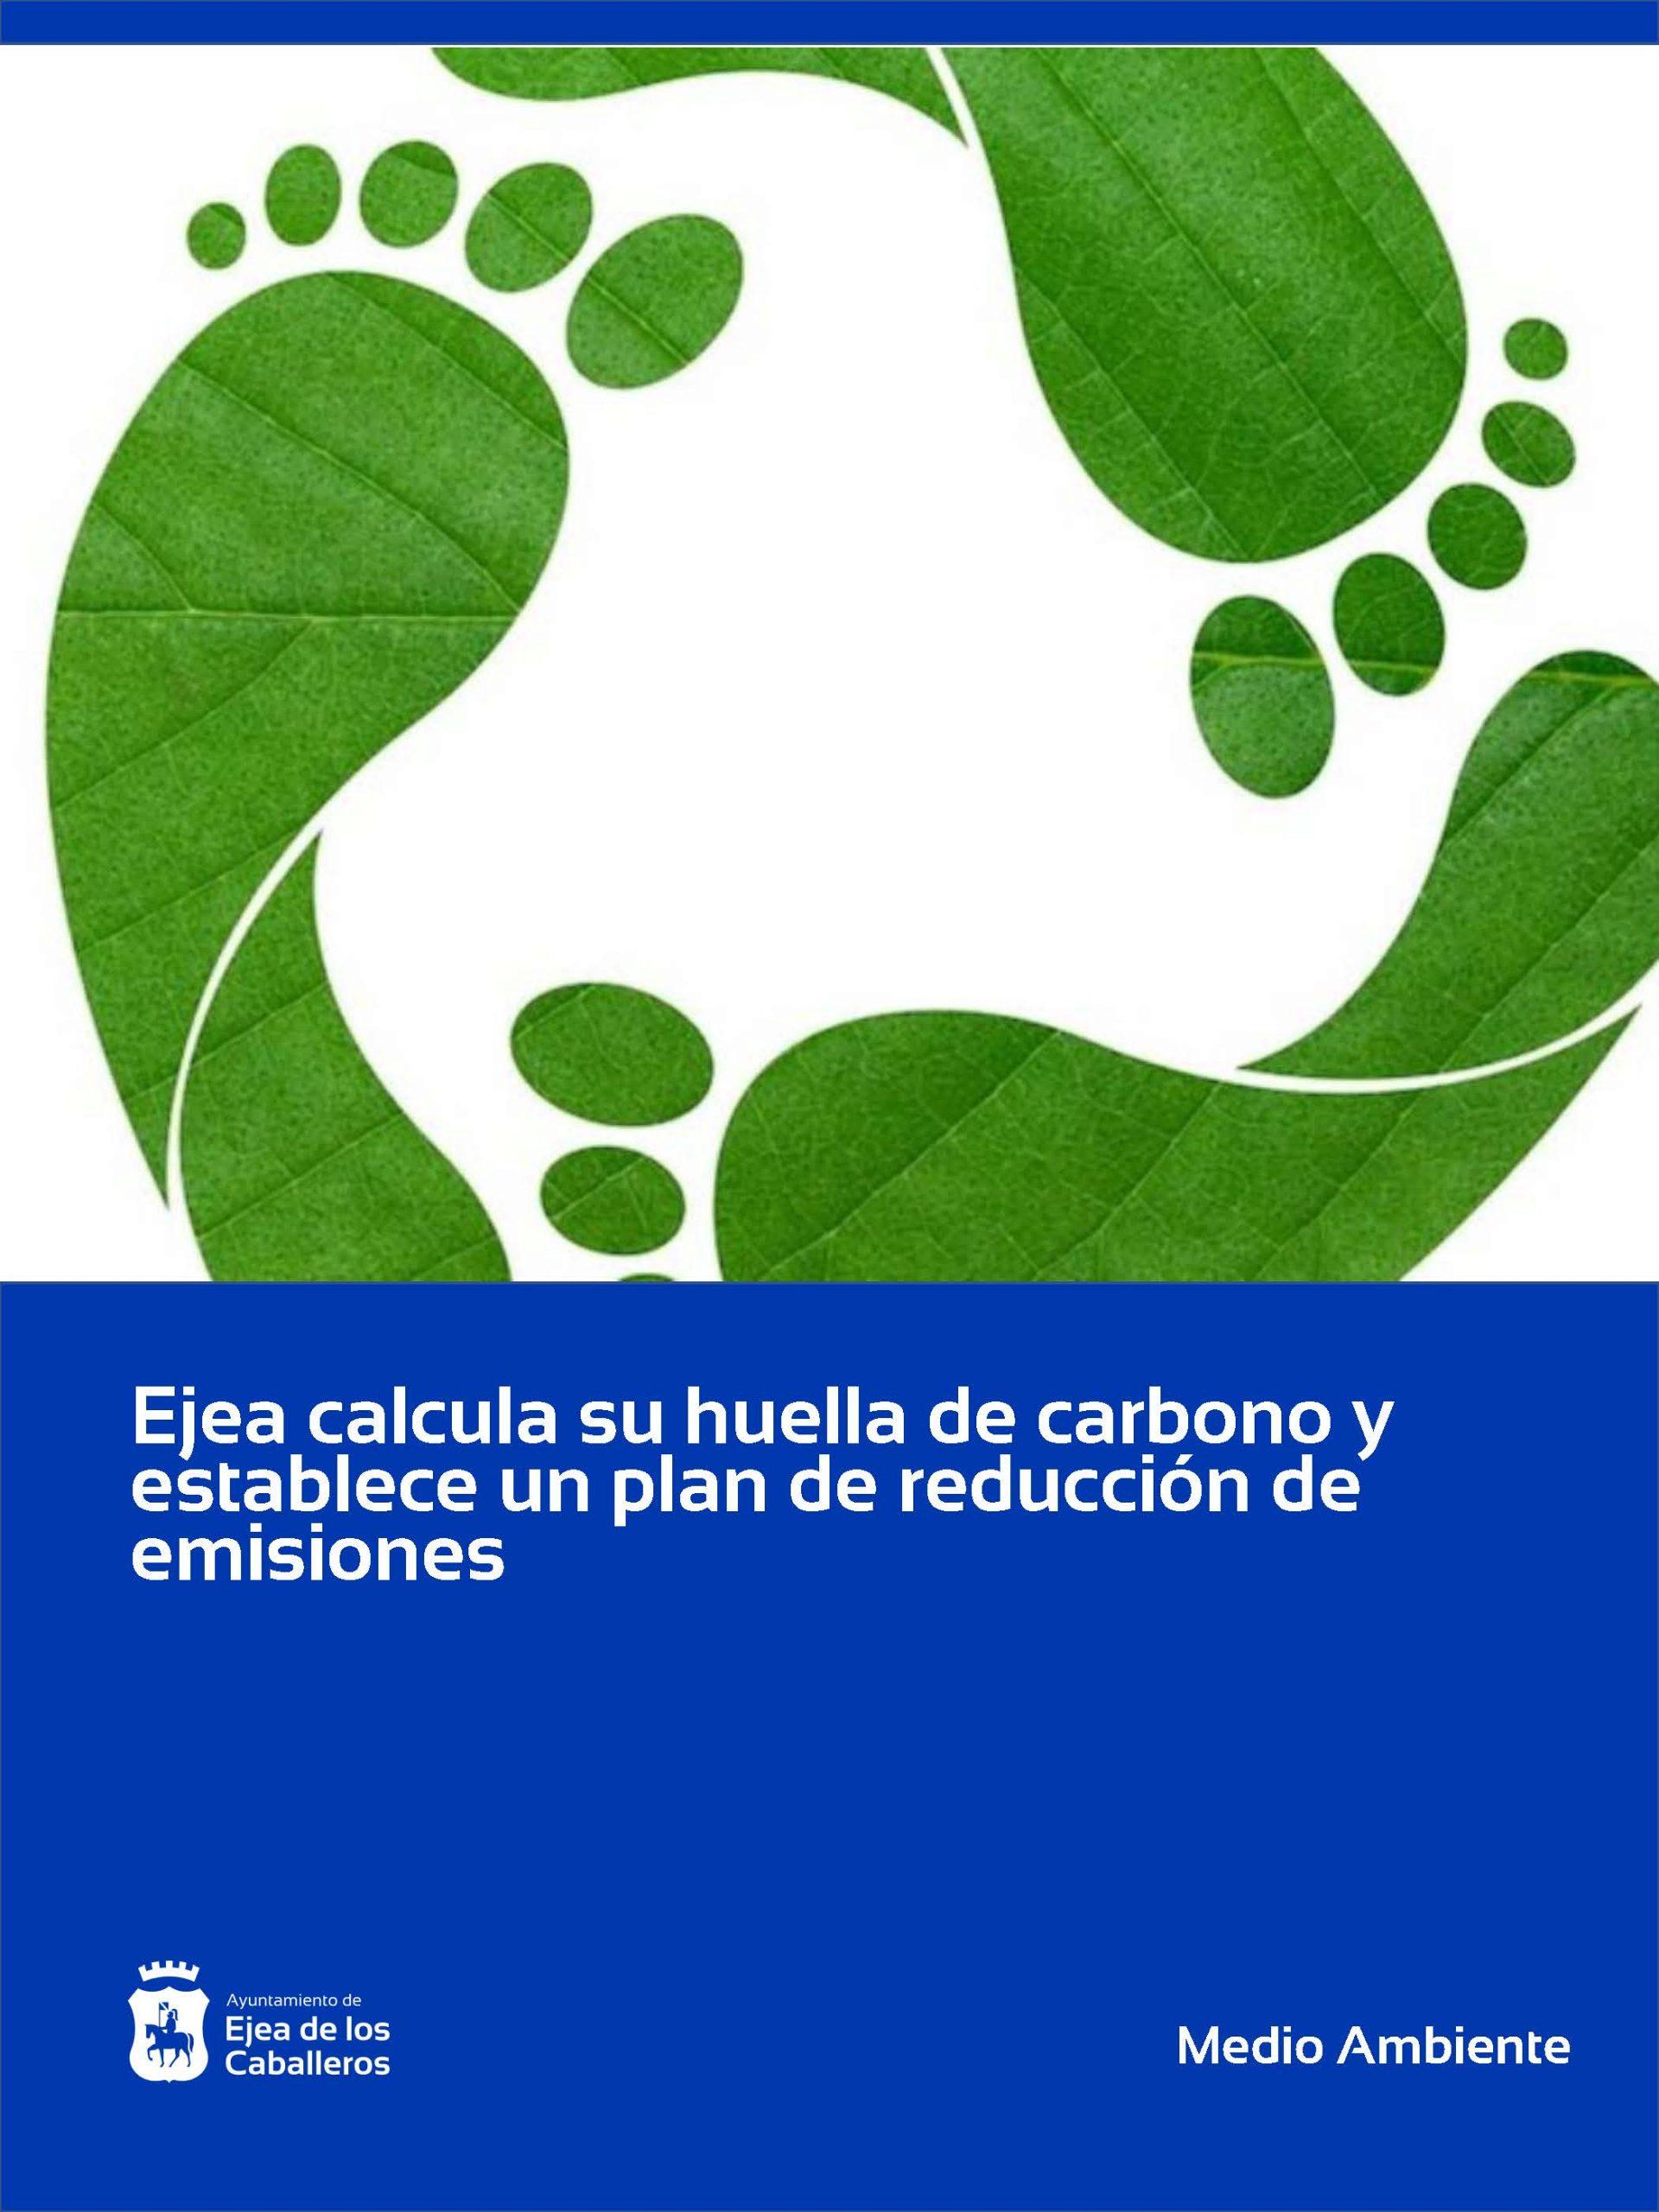 El Ayuntamiento de Ejea de los Caballeros calcula su huella de carbono y establece un plan de reducción de emisiones